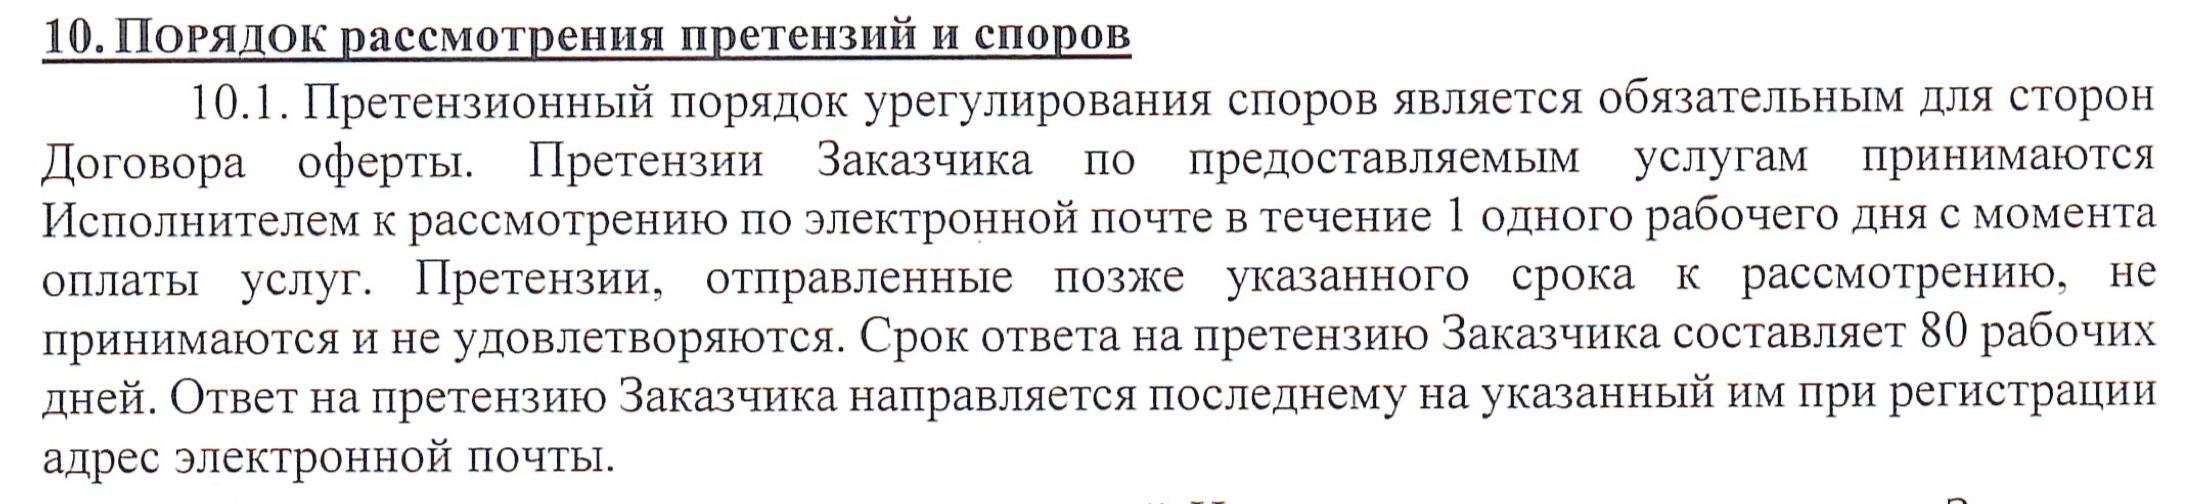 биг-займ.ру как отписаться кредит наличными под низкий процент казань bank-kazan.ru